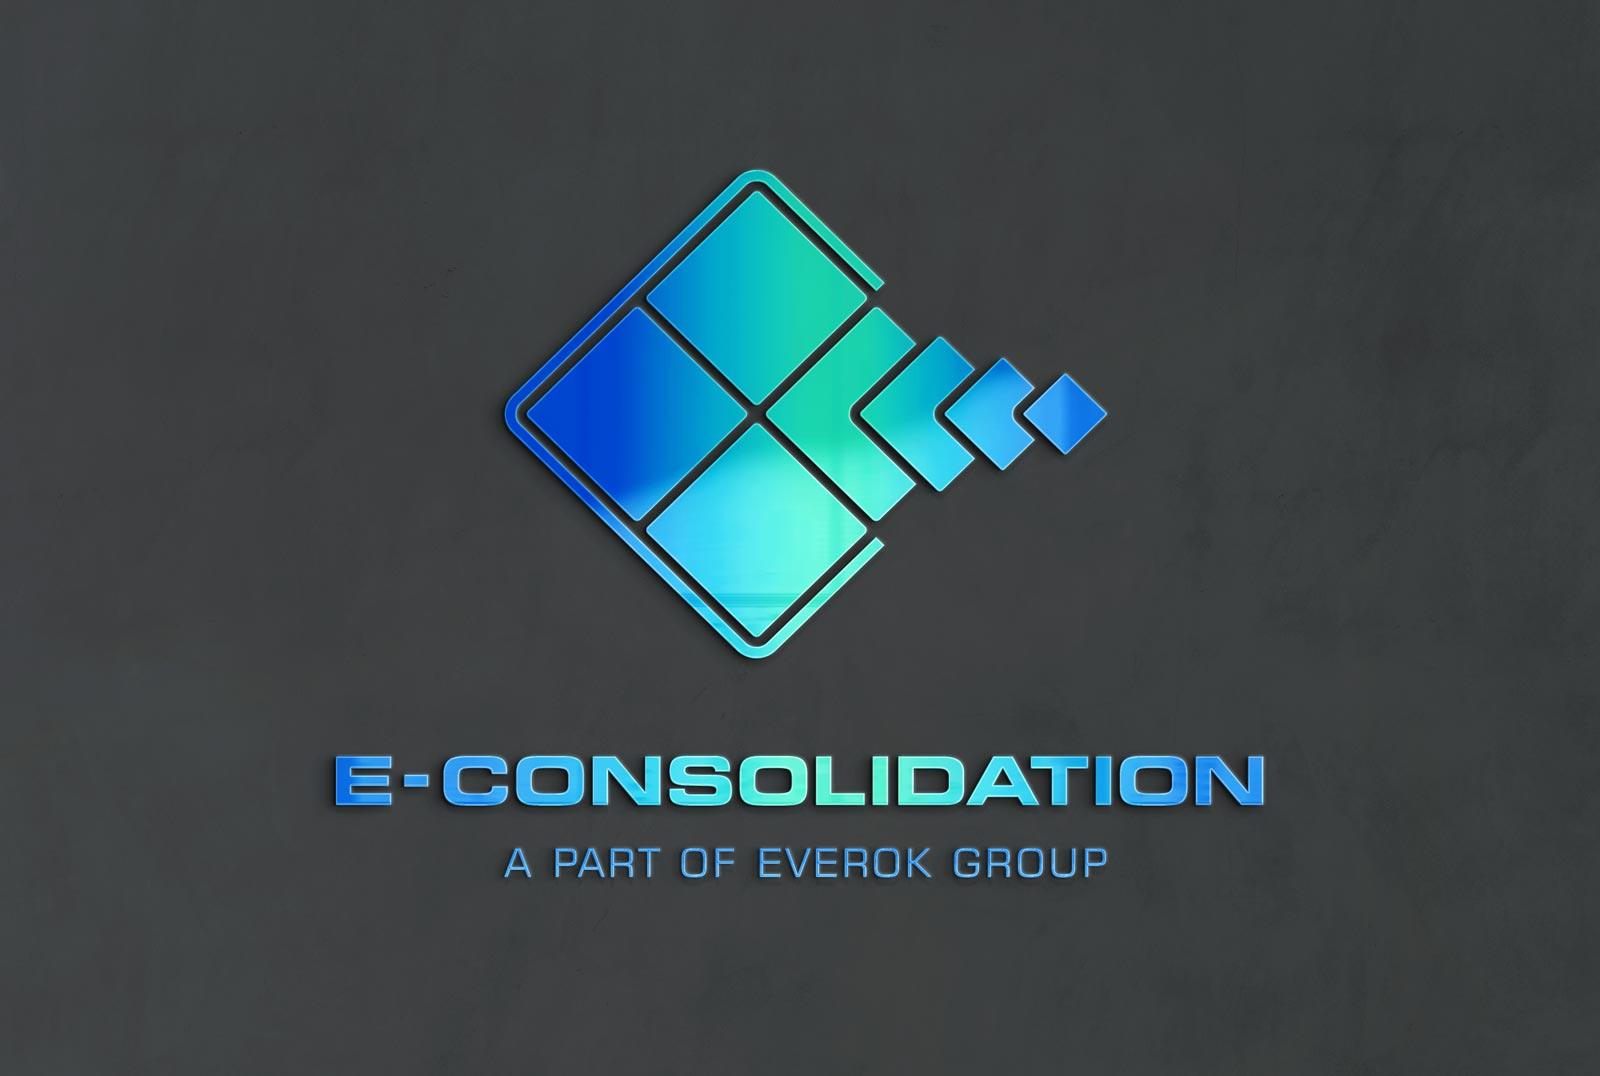 E-Consolidation, Logo, Logo Design, Corporate Design, Fond Grau